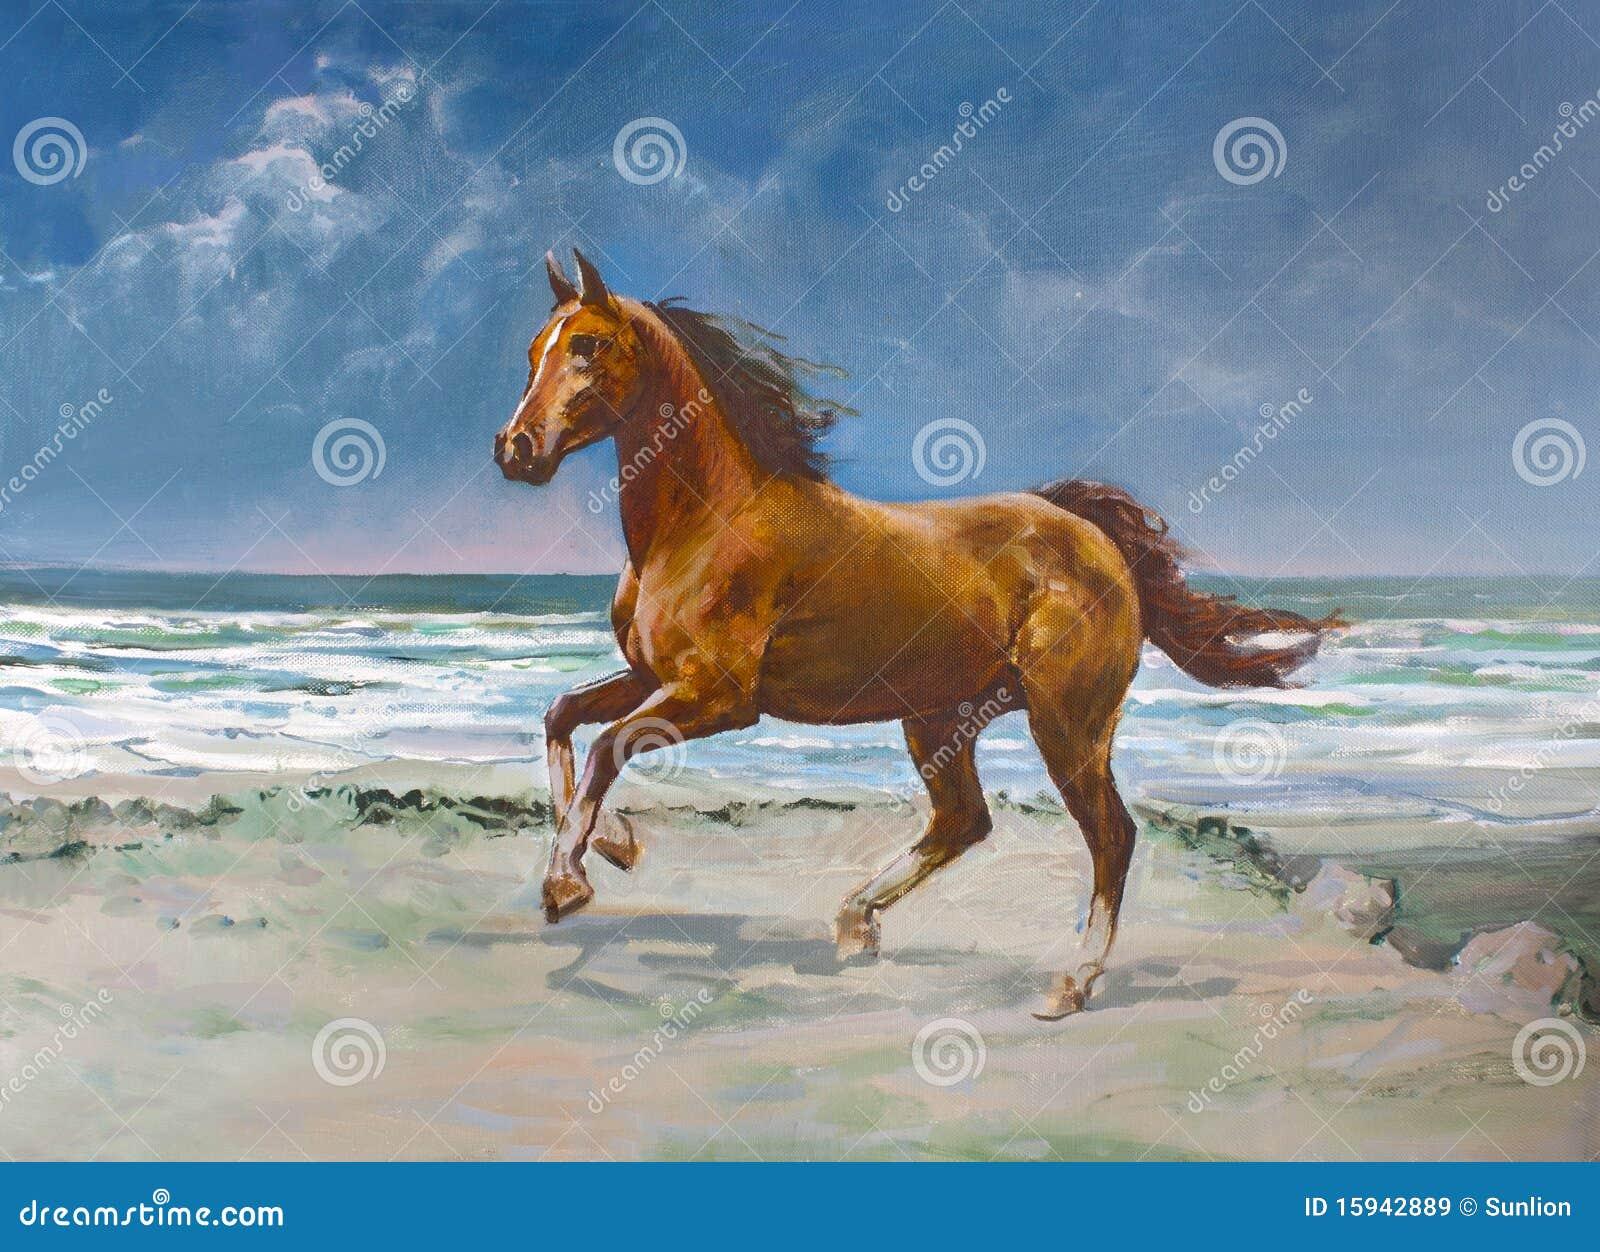 Het paard van de kastanje, het schilderen